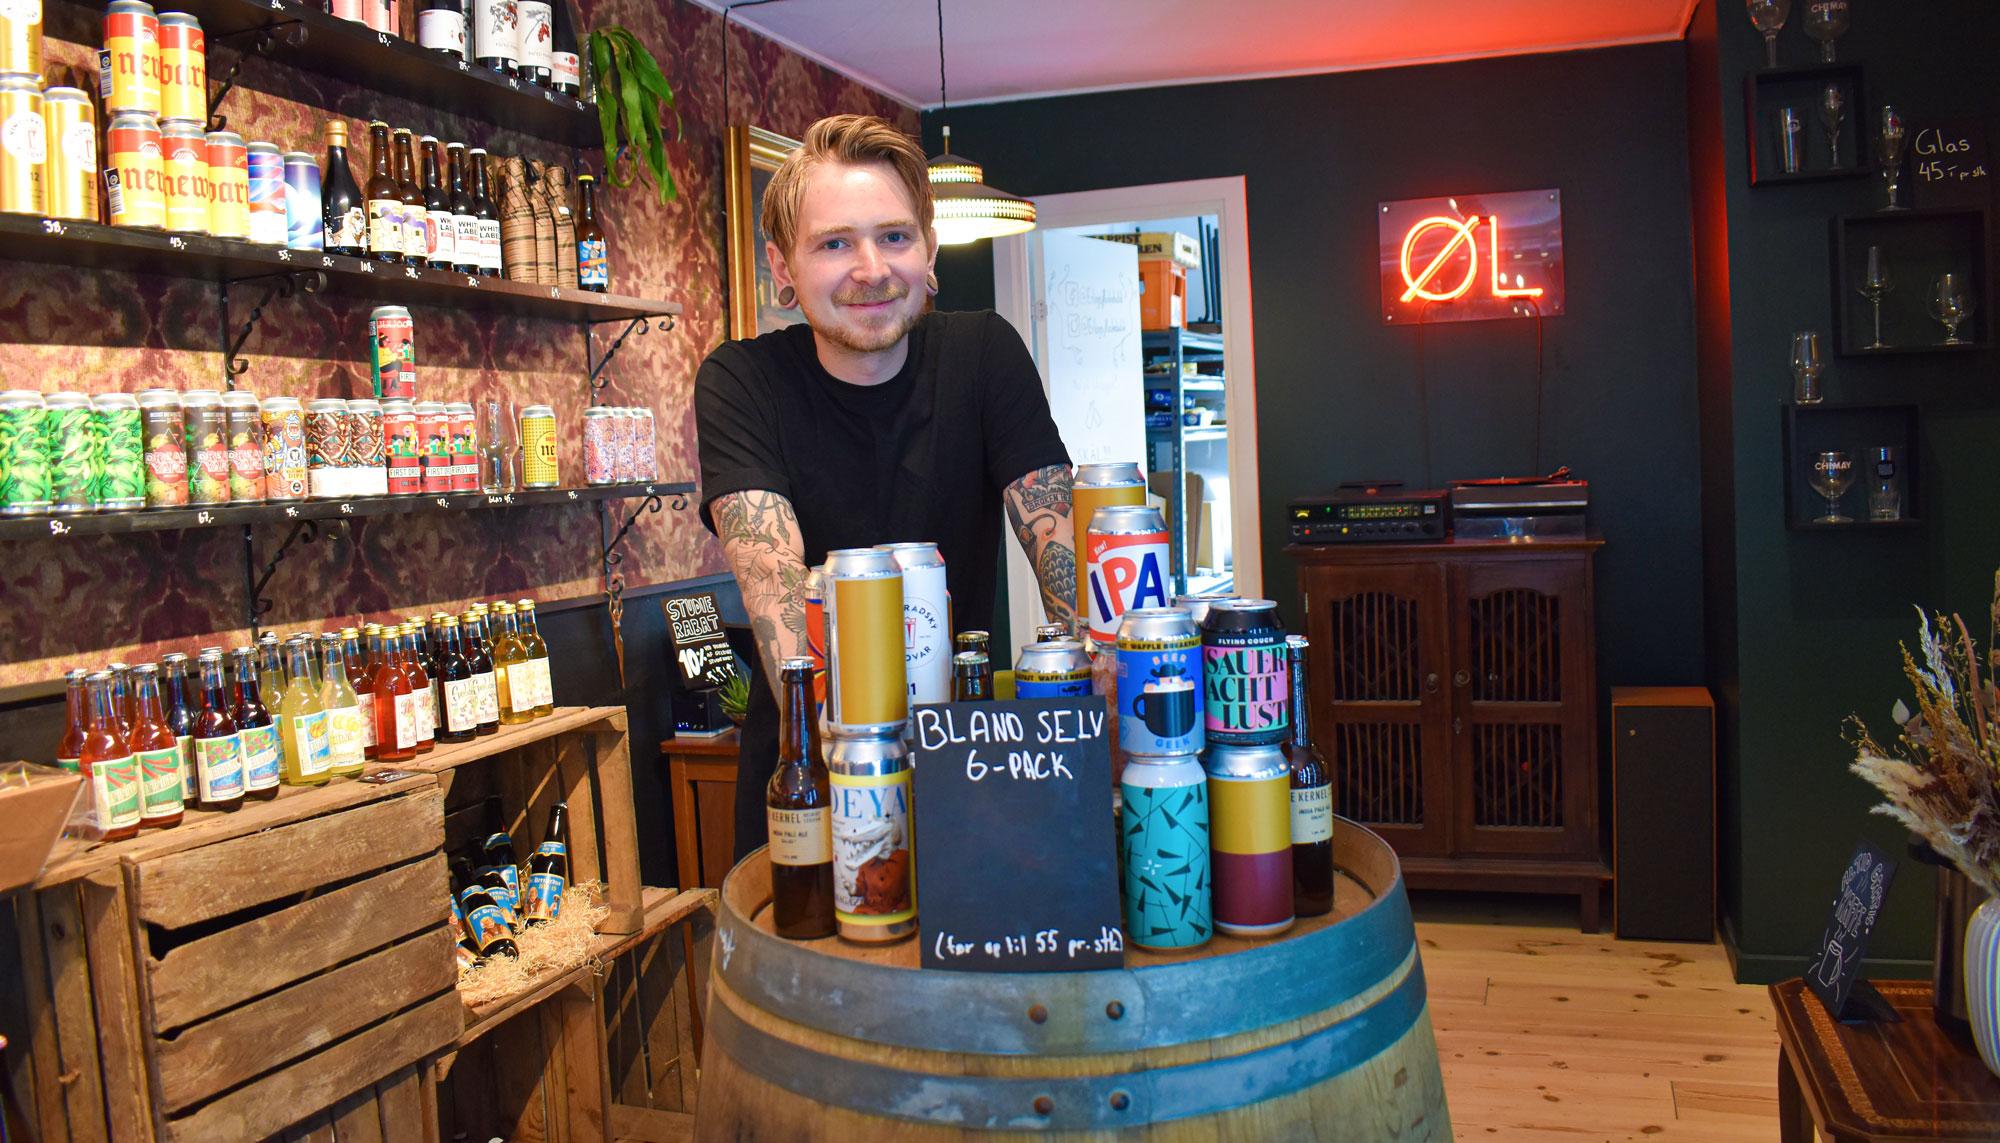 Gratis fadøl og kage: Erlings Flaskebutik fejrer fødselsdag med et brag